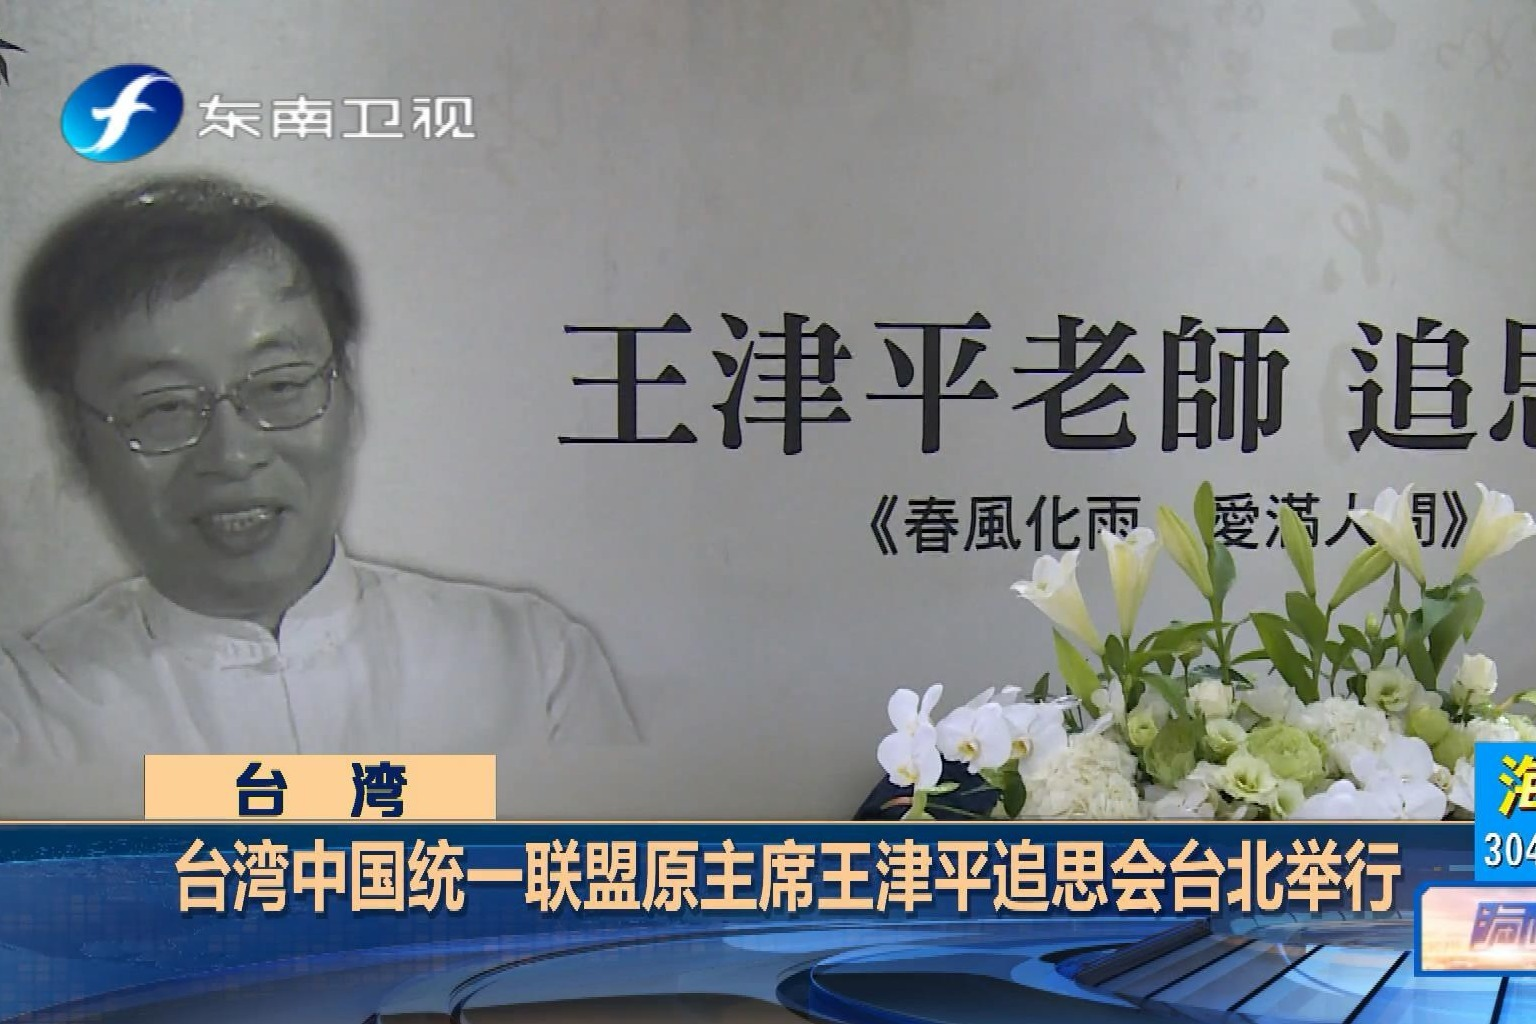 台湾中国统一联盟原主席王津平追思会台北举行,郁慕明这样评价